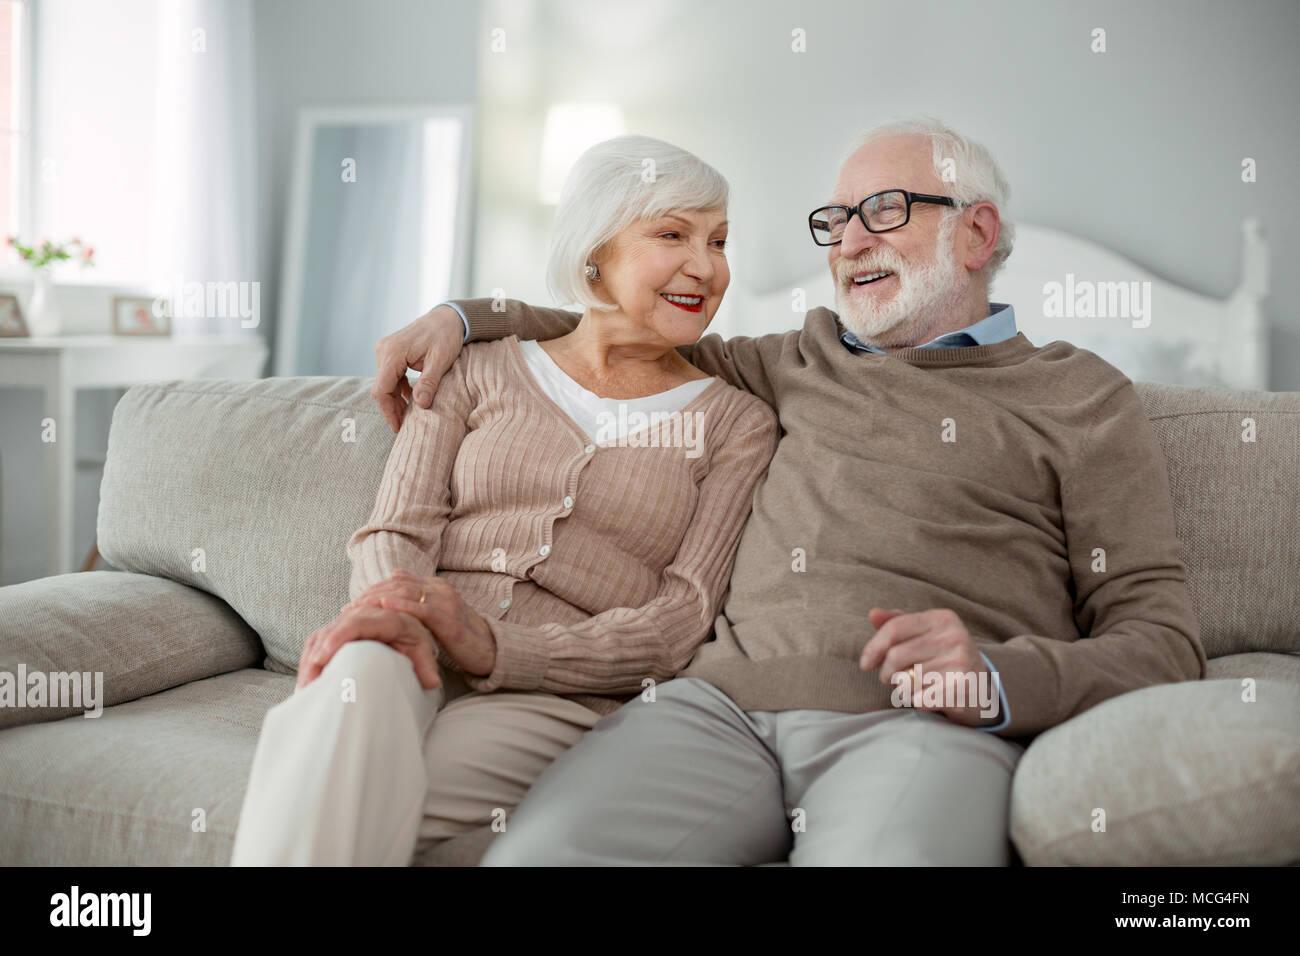 Gioioso uomo invecchiato abbracciando la moglie Immagini Stock